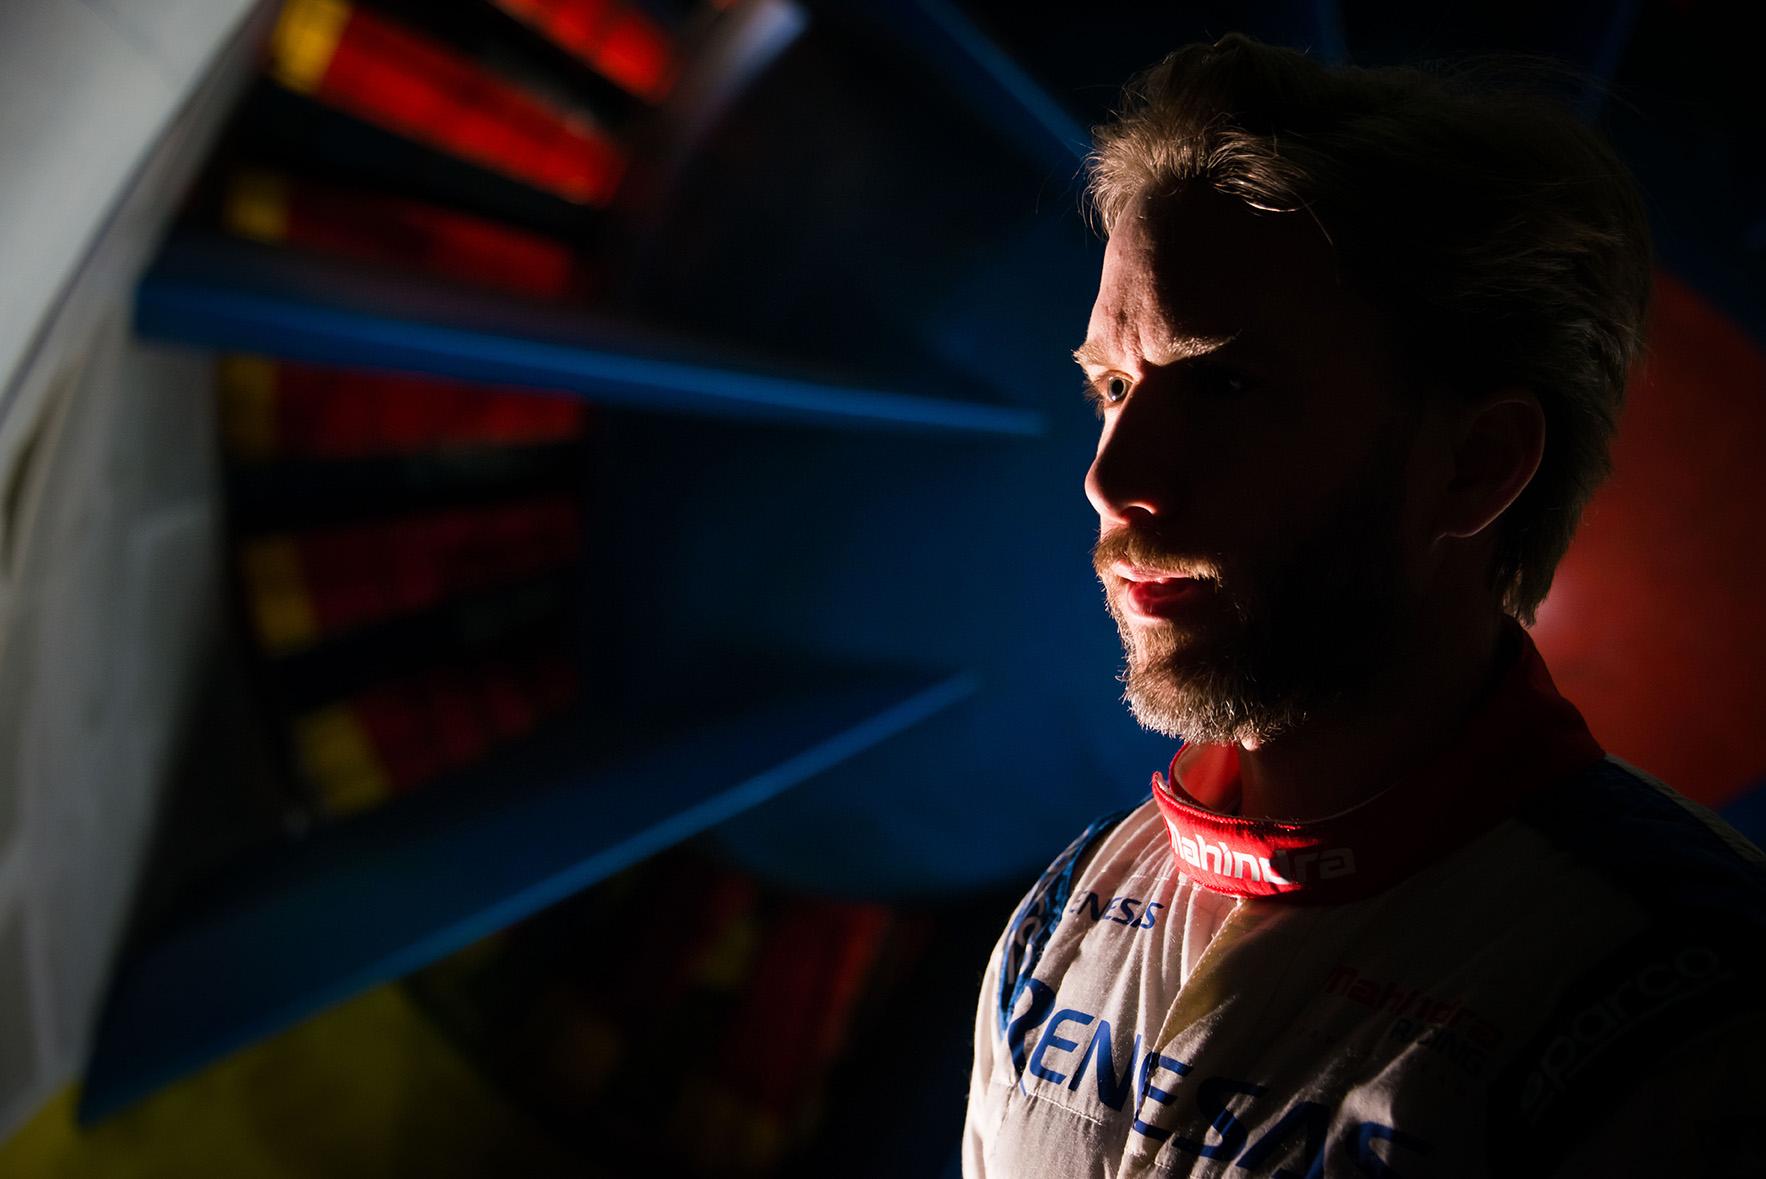 Spacesuit-Media-Marta-Rovatti-Studihrad-FIA-Formula-E-Mahindra-2018MGR_4796